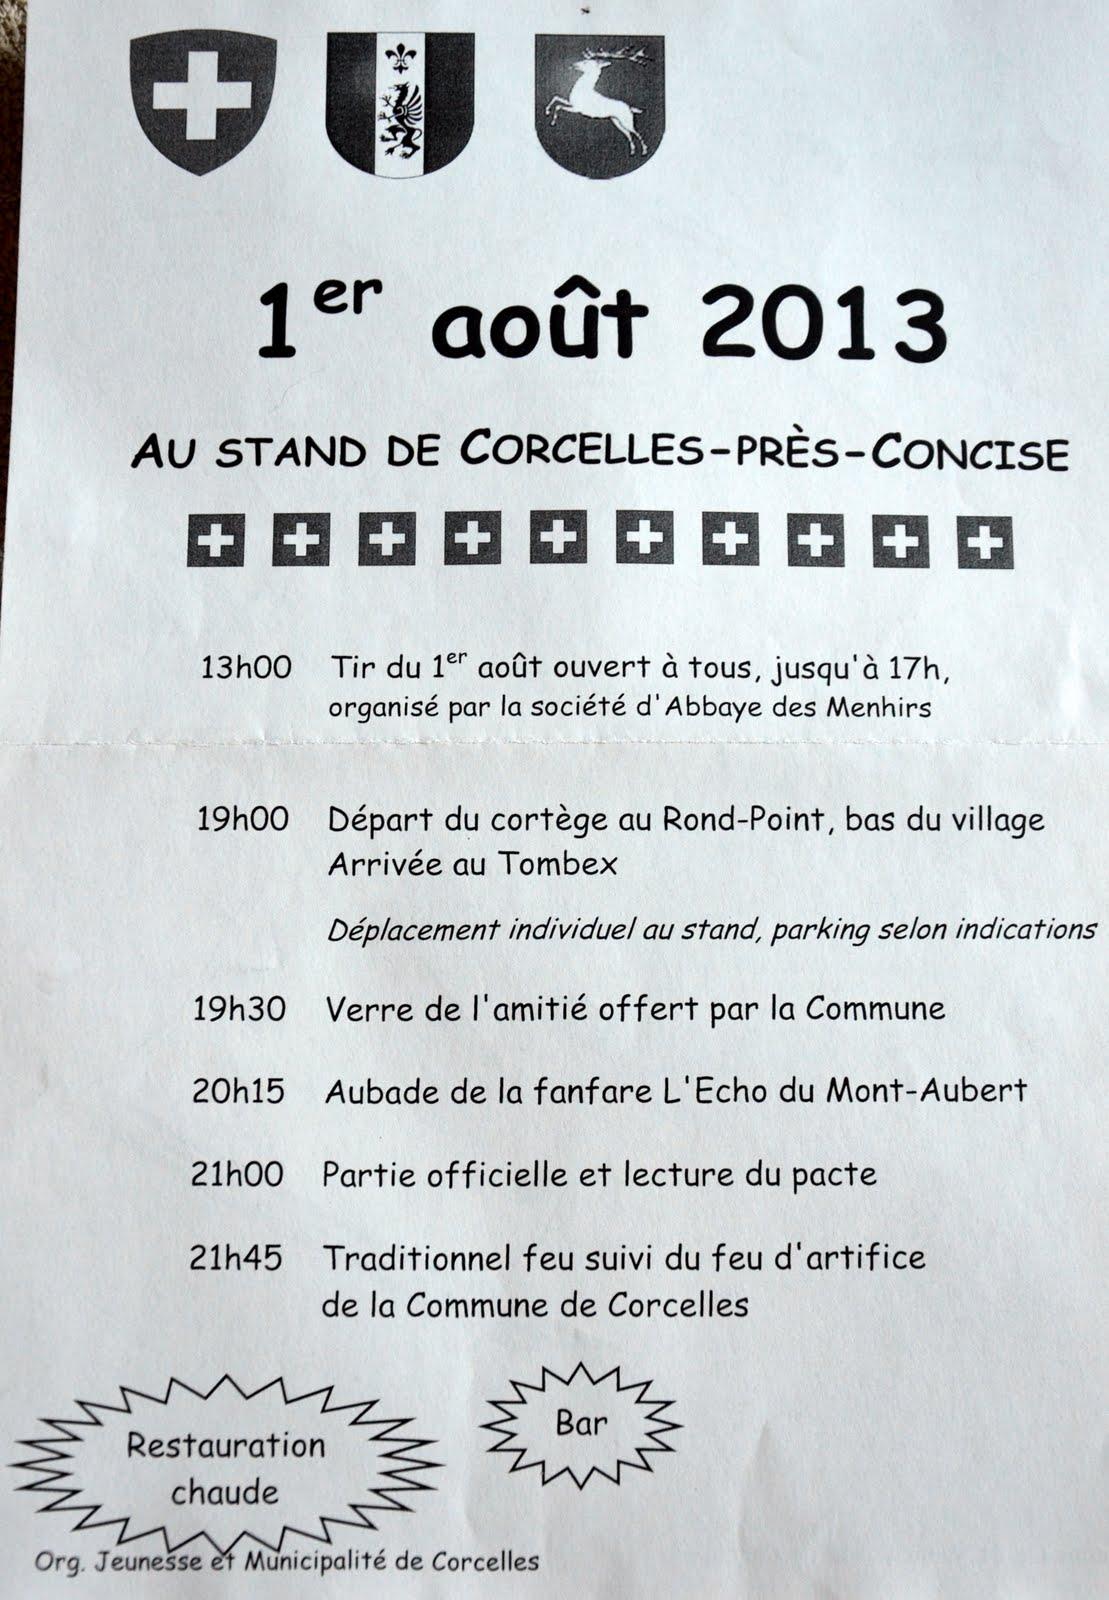 programme 1er août 2013 Concise Corcelles-près-Concise